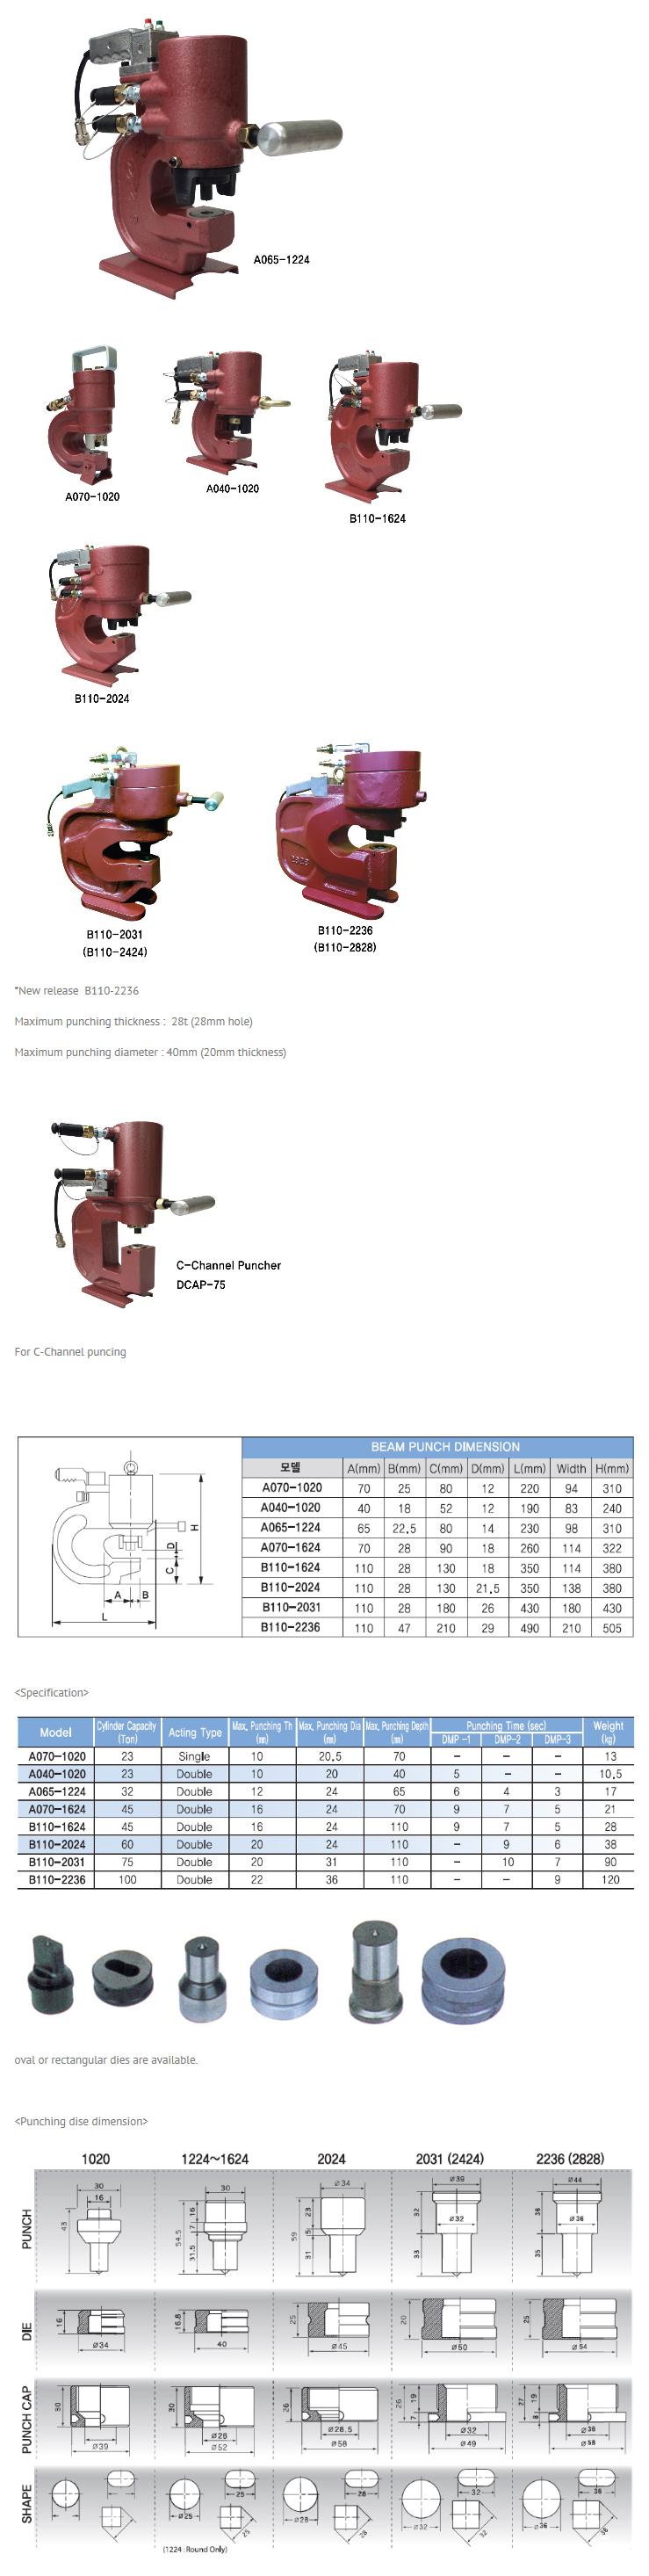 Daechun Hydraulic Machinery Hydraulic Beam & Angle Puncher